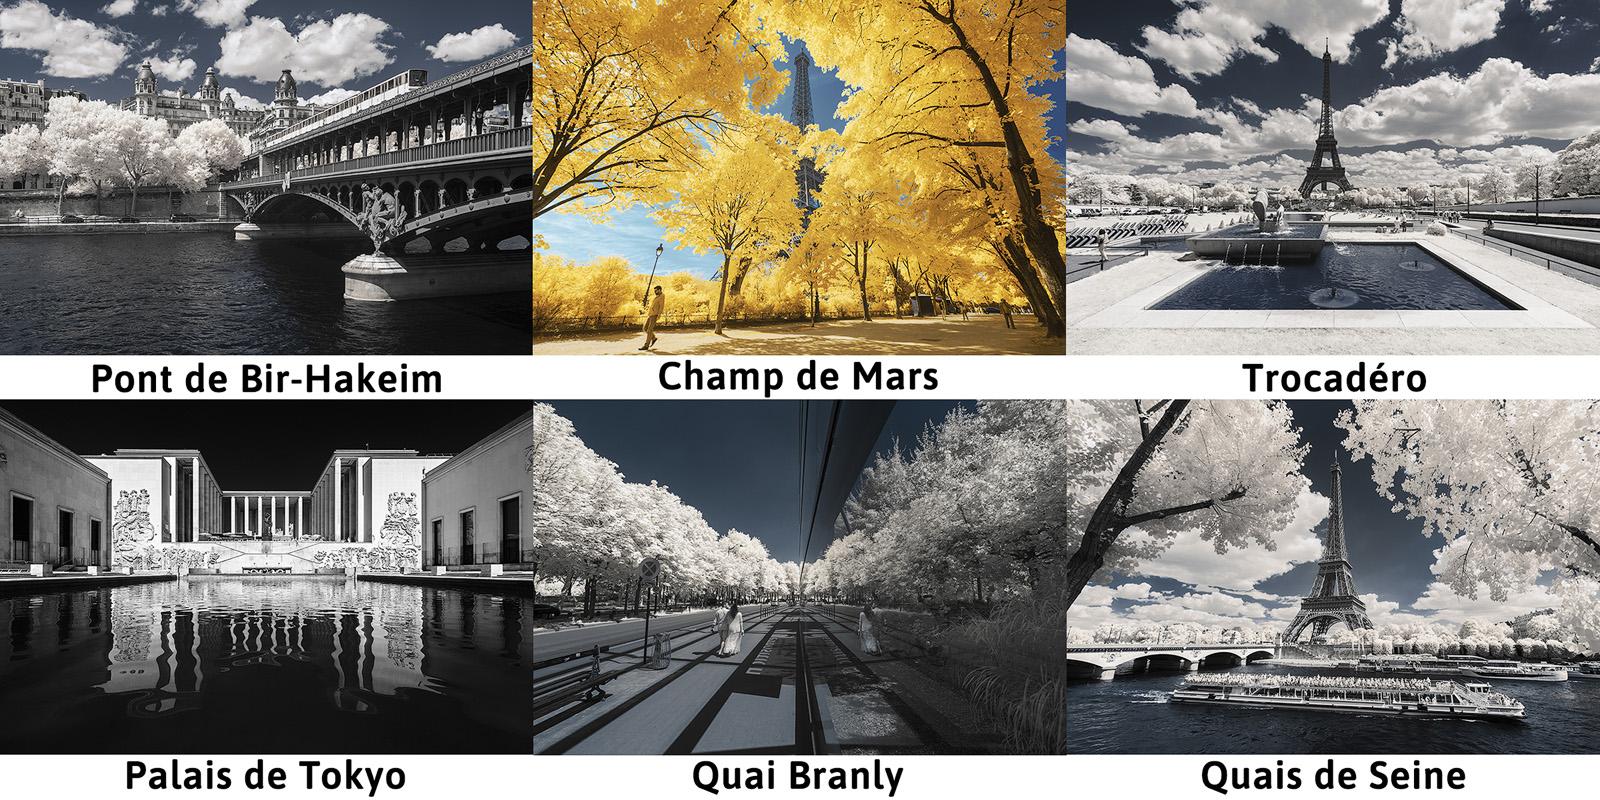 Illustration des lieux visités lors du workshop de photographie infrarouge organisé par Pierre-Louis Ferrer.